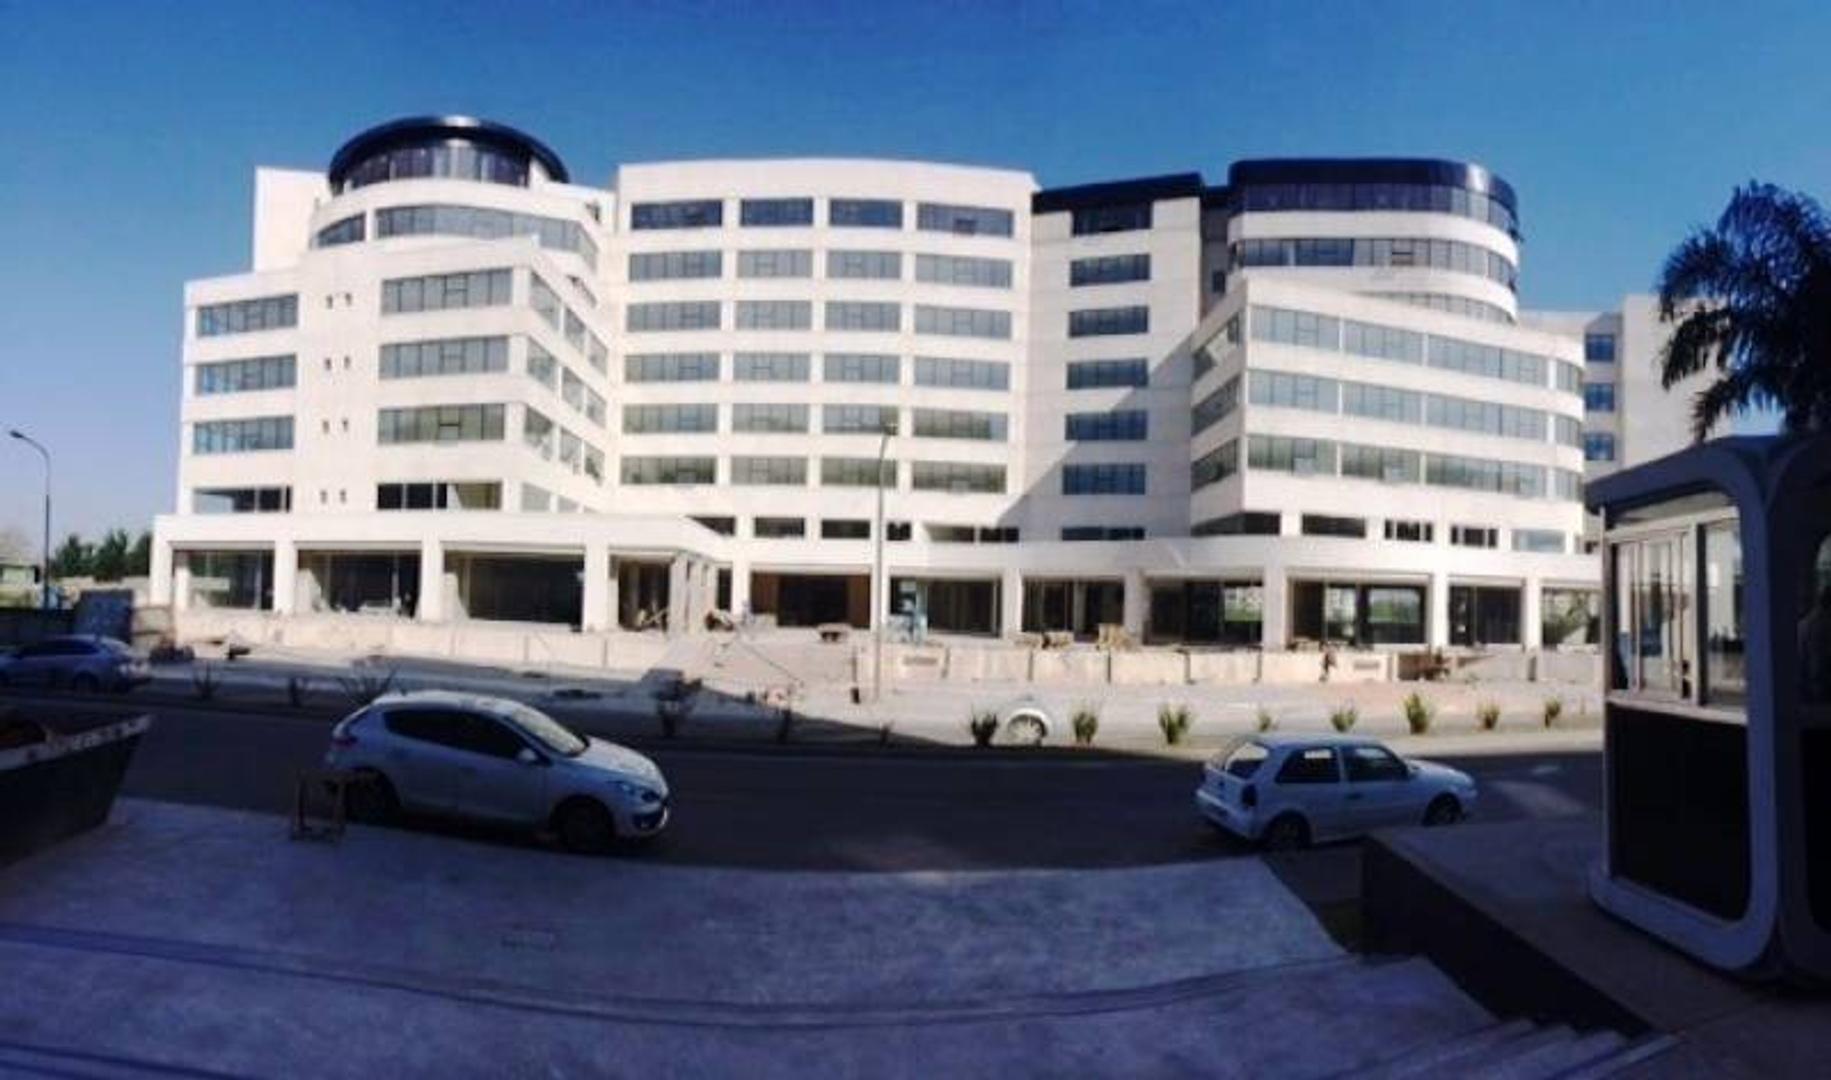 OFICINA O VIVIENDA CON SOÑADO BALCON HACIA EL HOTEL WYNDHAM NORDELTA. E487143225B106